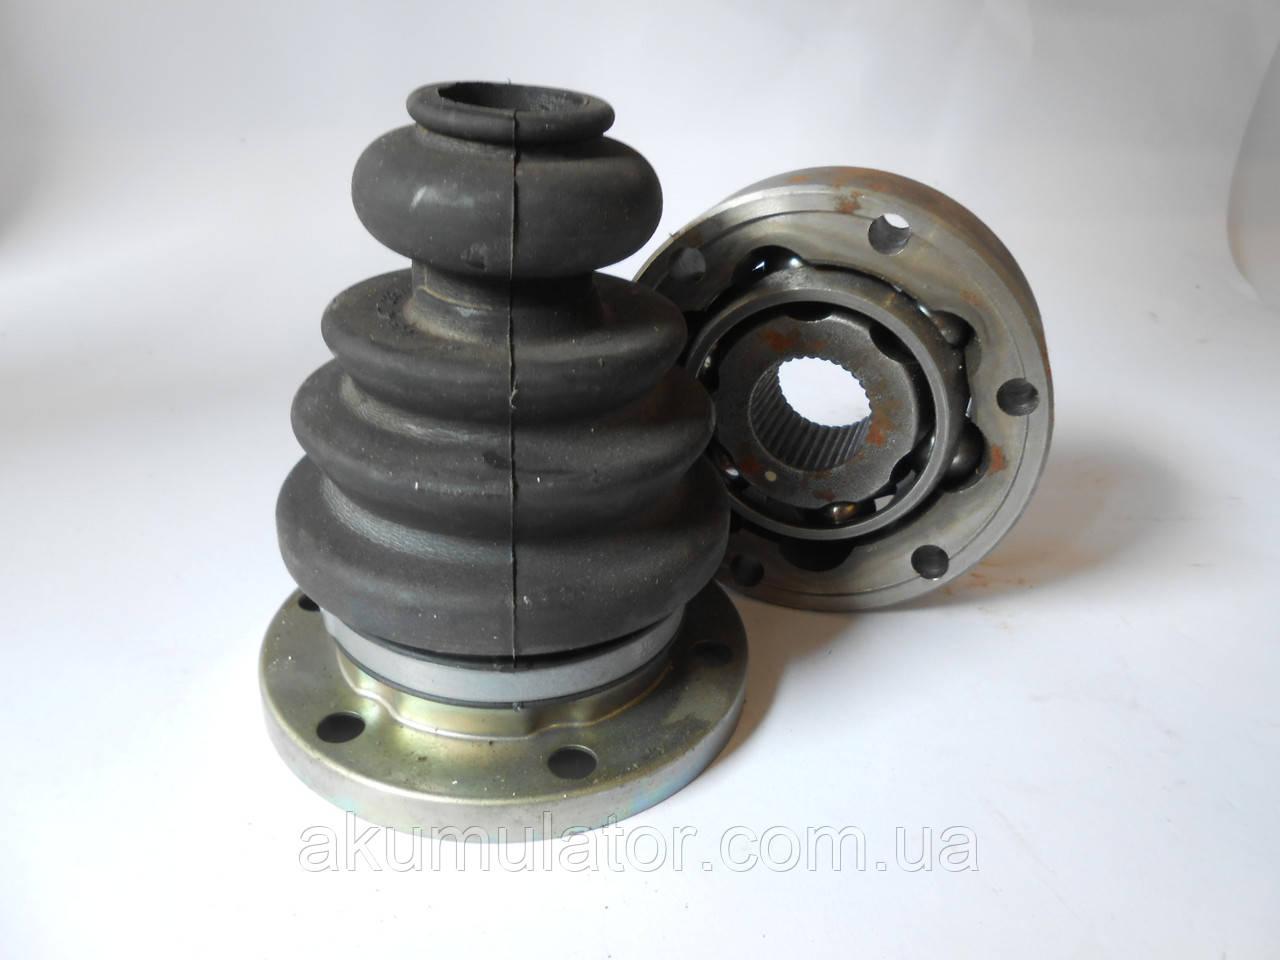 Шрус з пильовиком, монтажними деталями і пластичною змазкою 8D0498103AX Skoda, Volkswagen, Seat